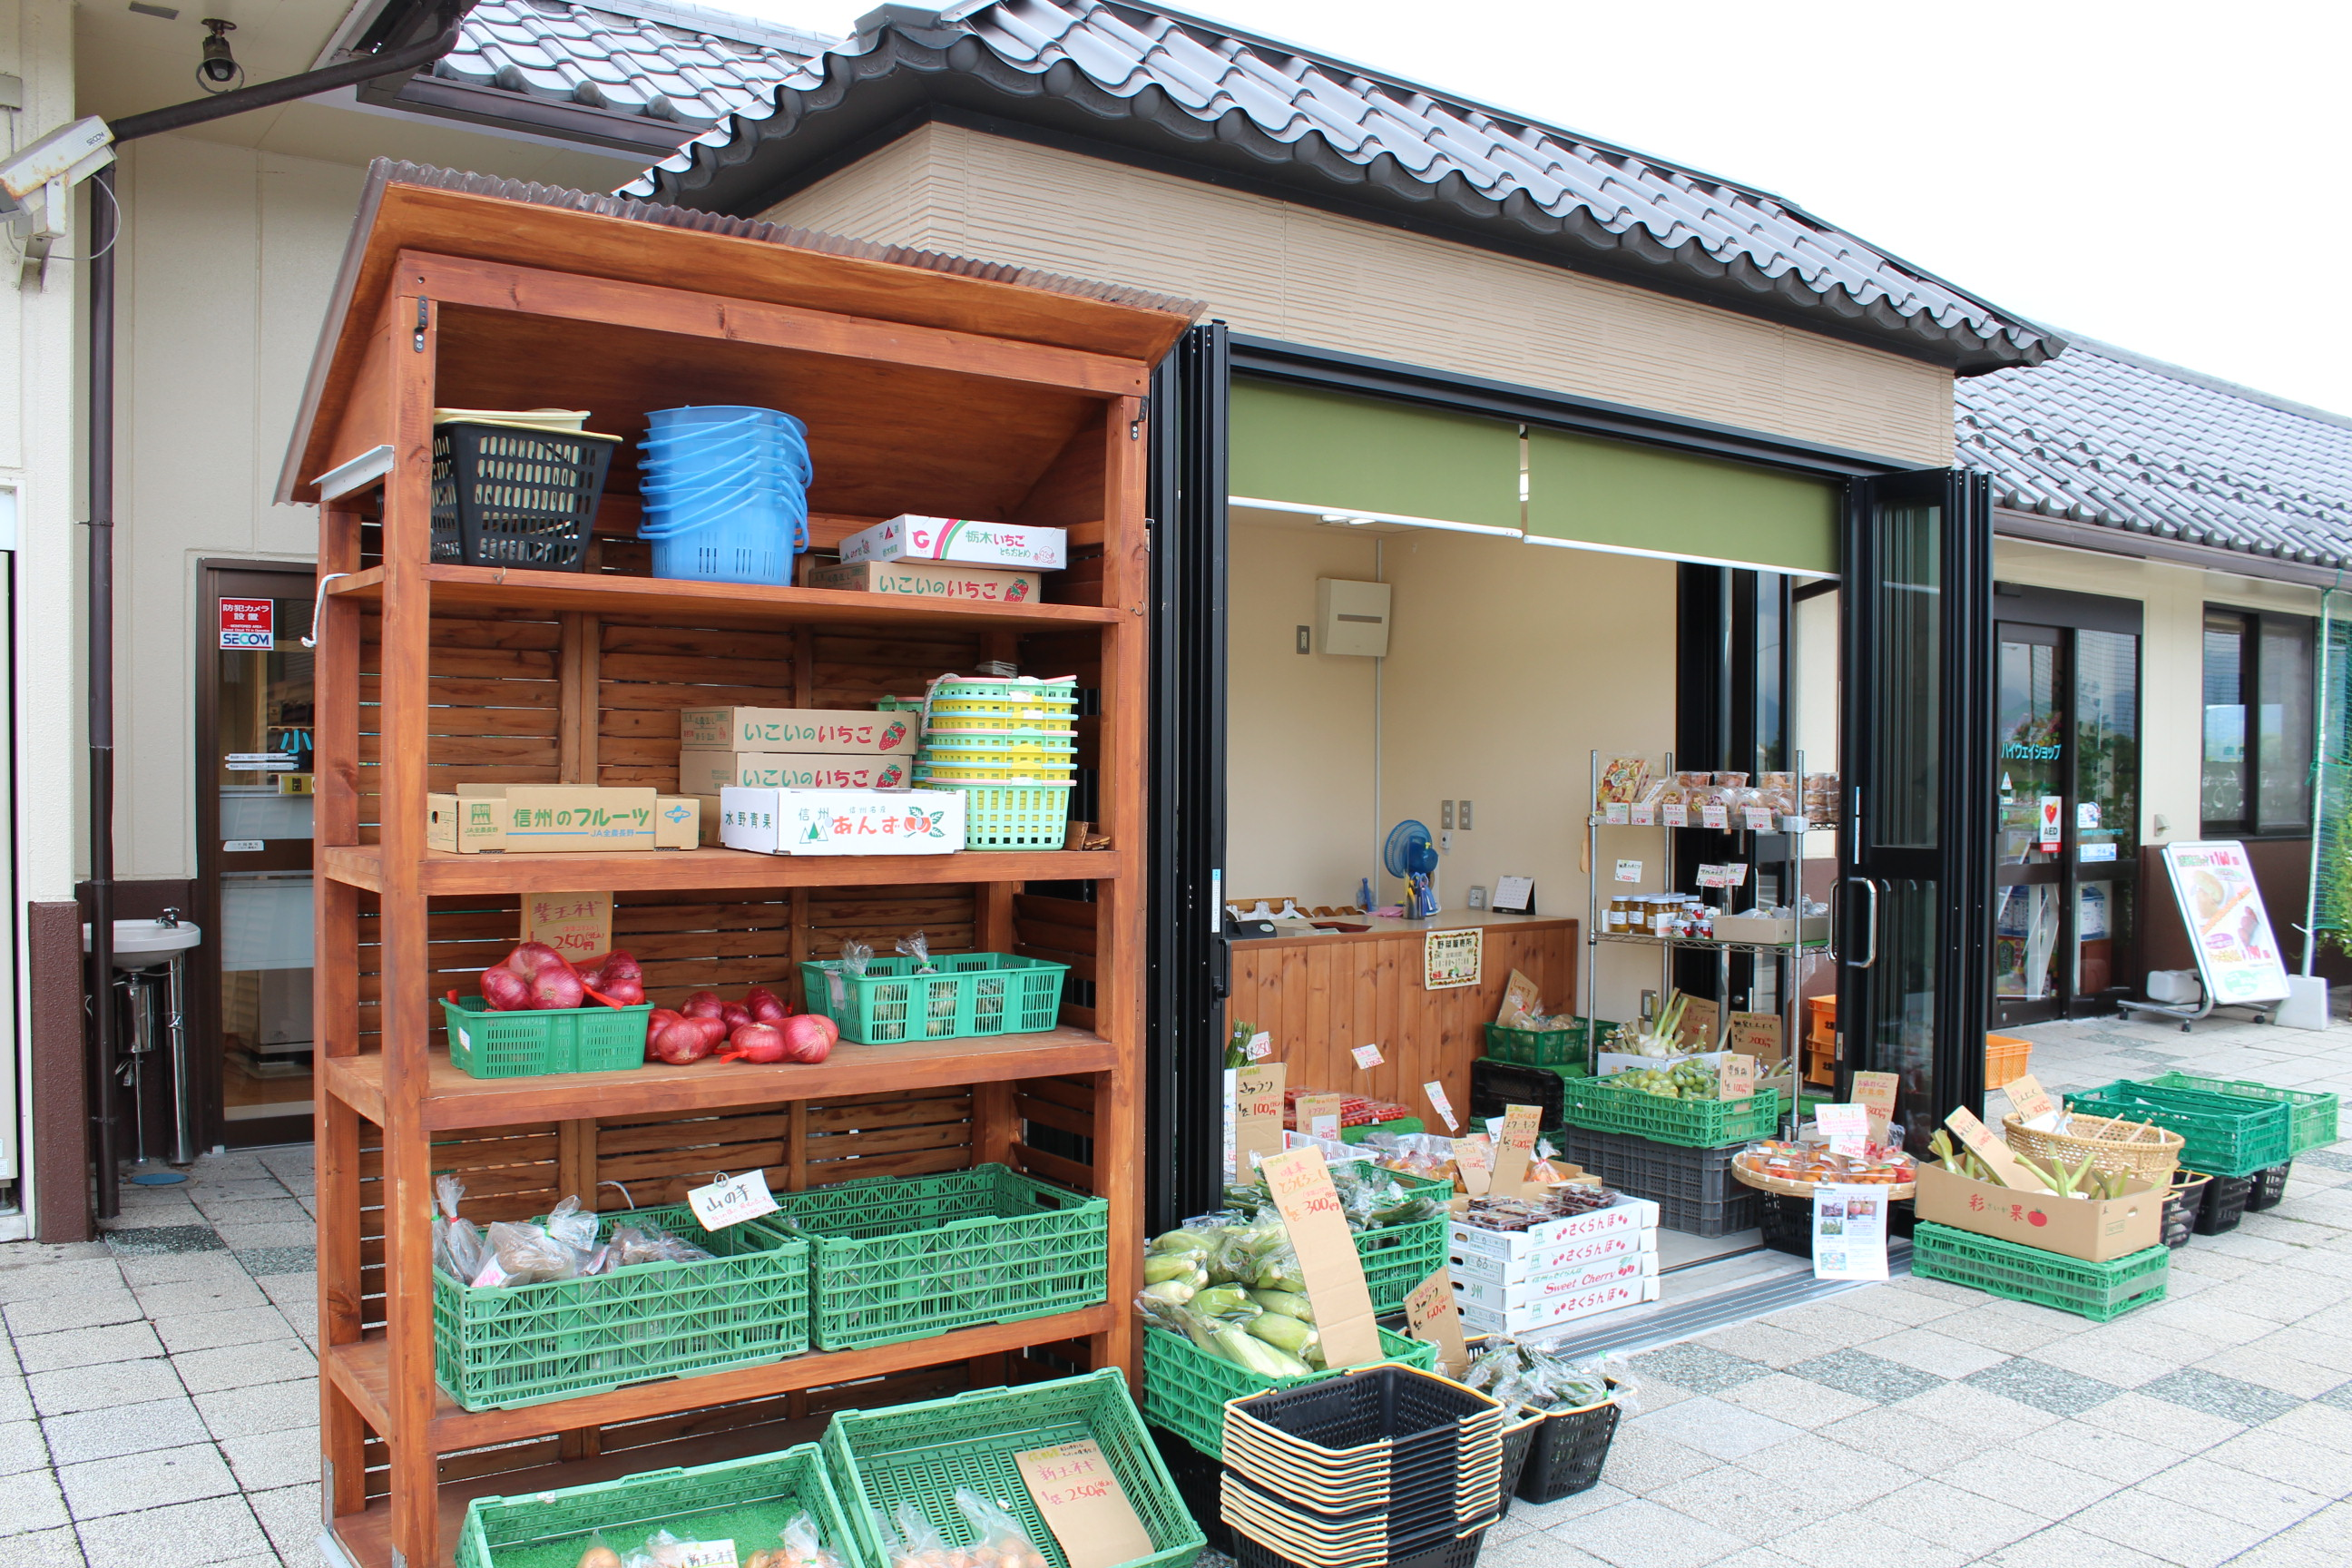 野菜市場のイメージ画像